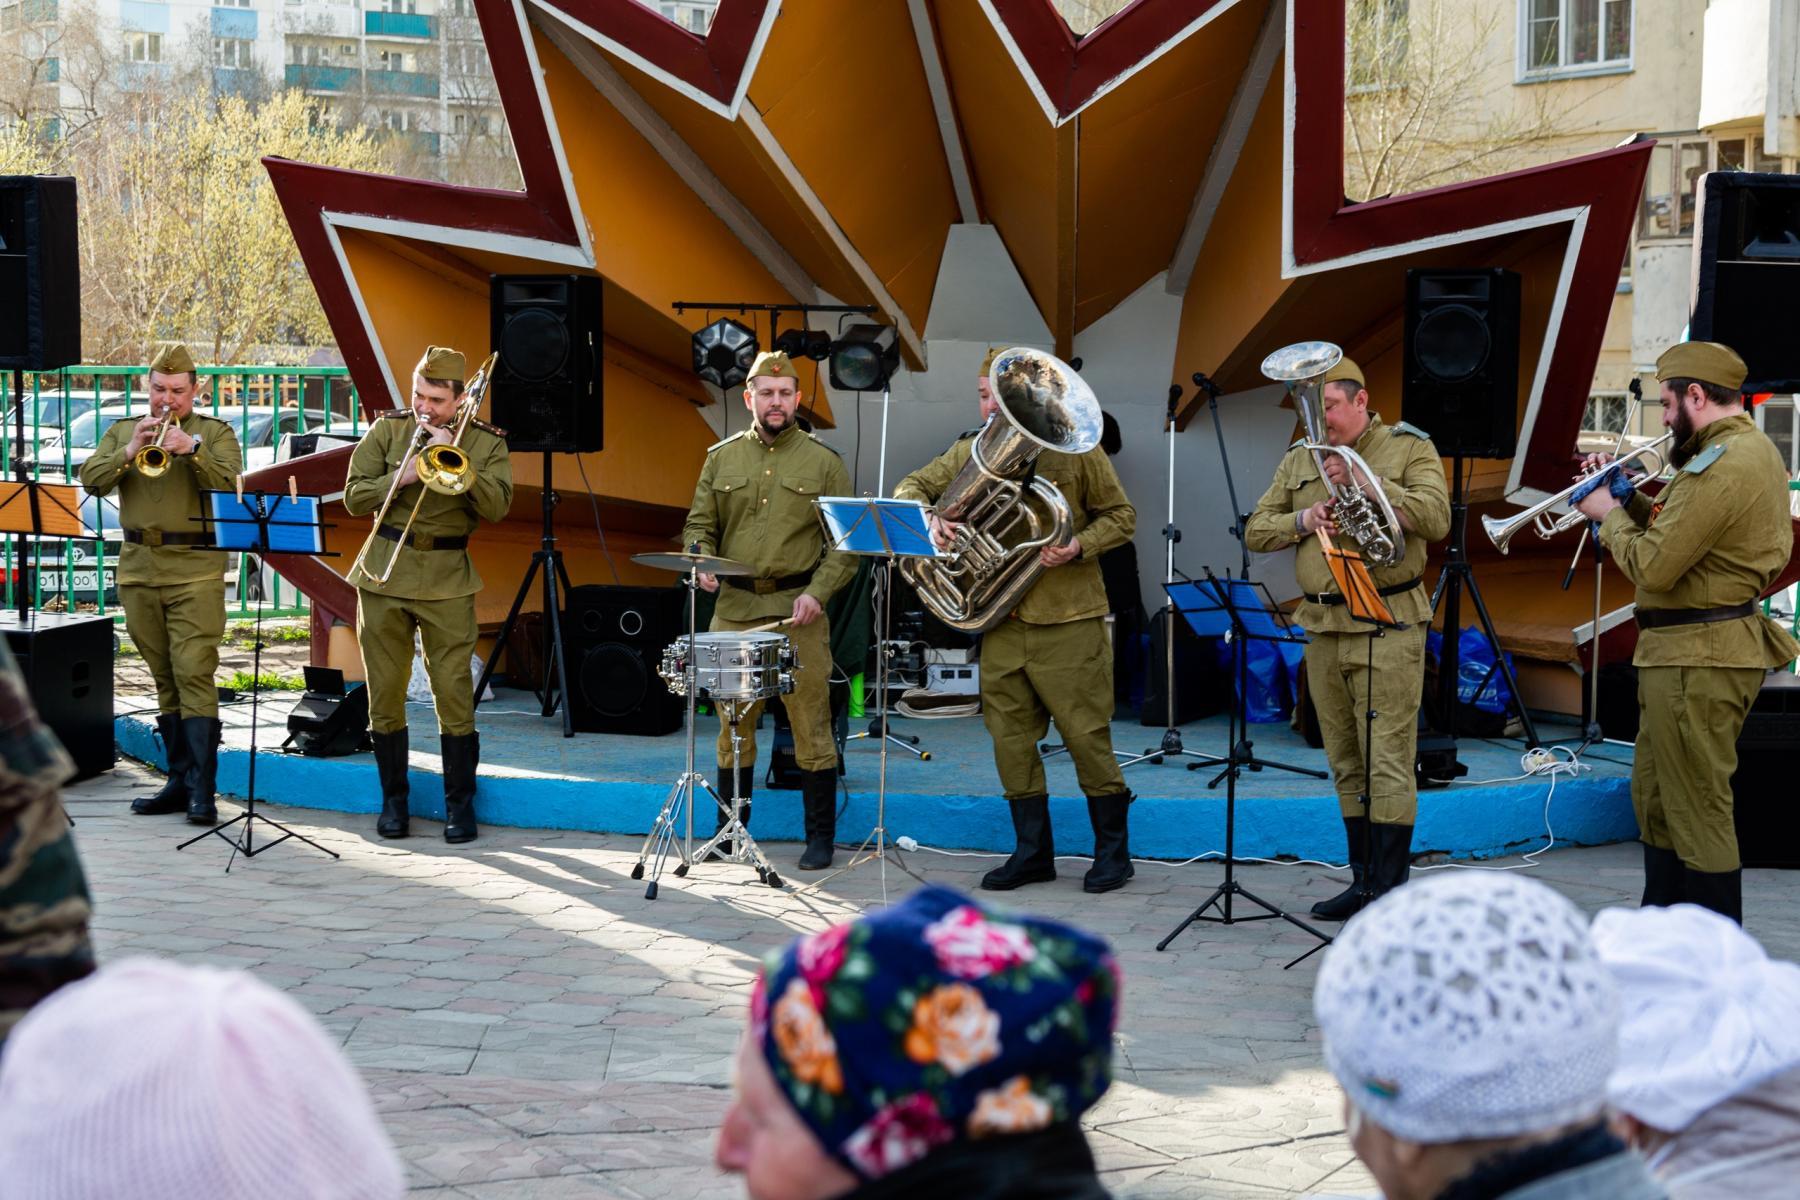 фото В Горском микрорайоне Новосибирска прошёл концерт в честь 9 Мая 4